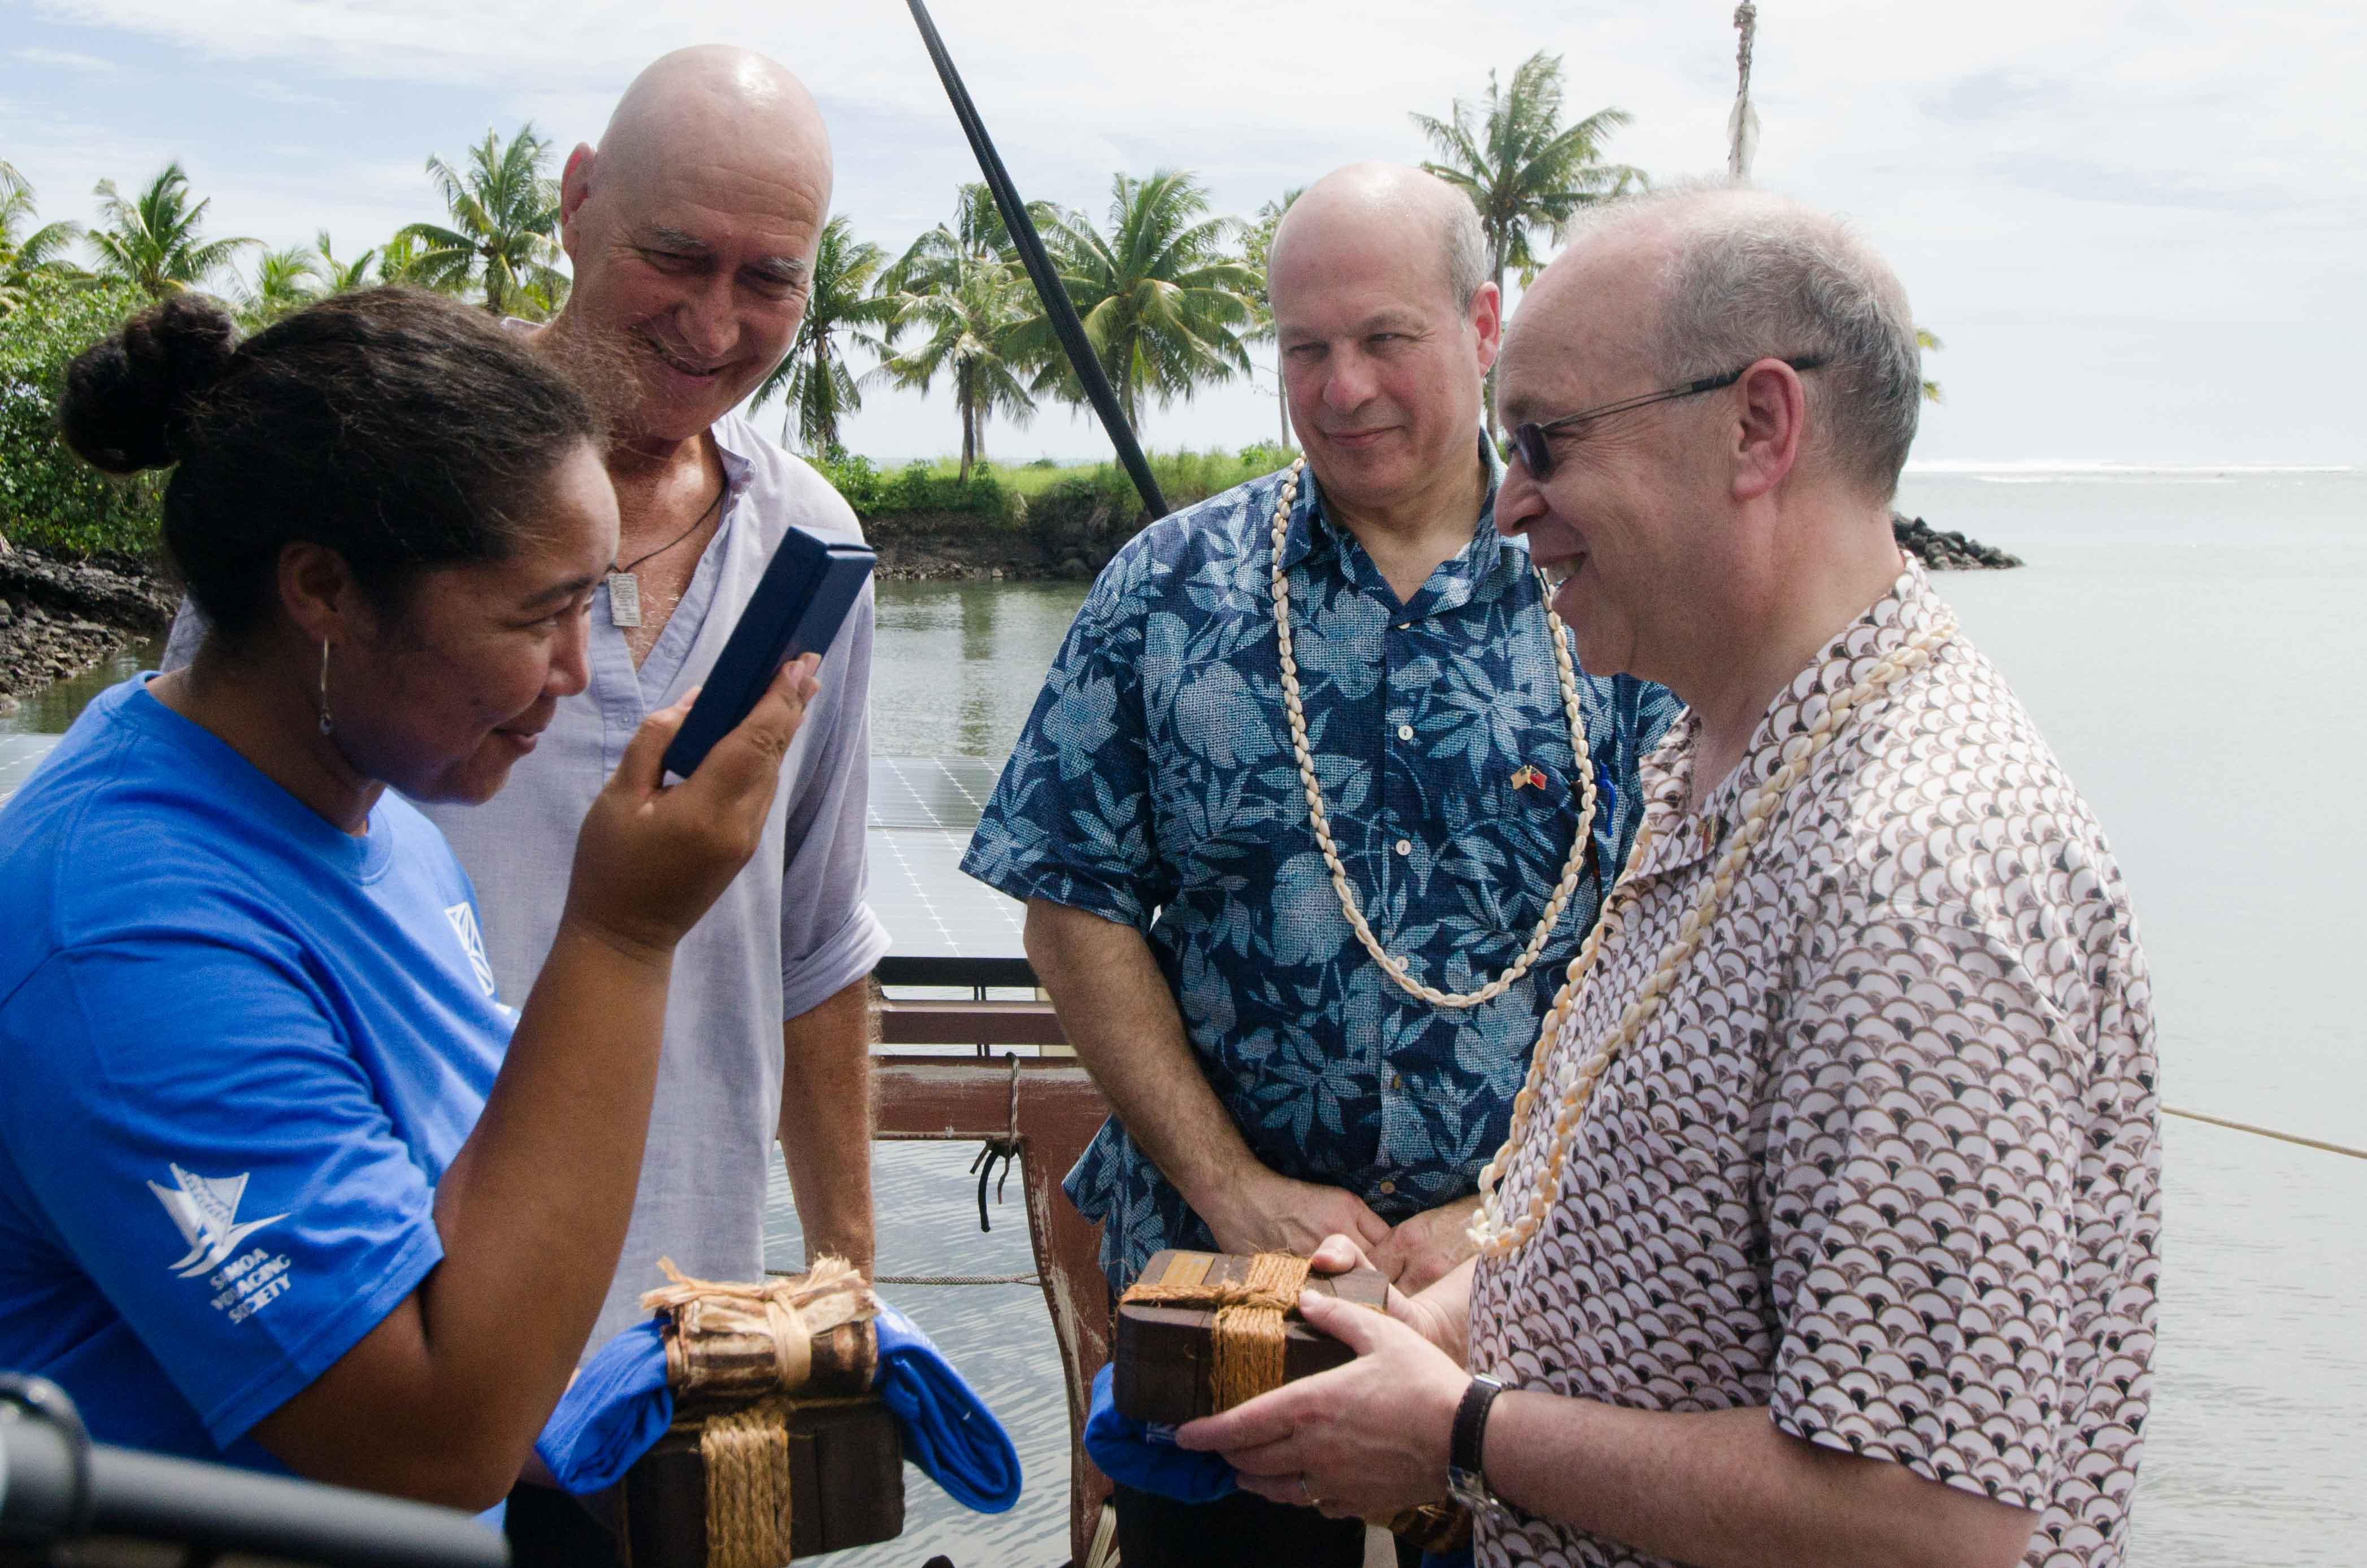 A Samoan Captain